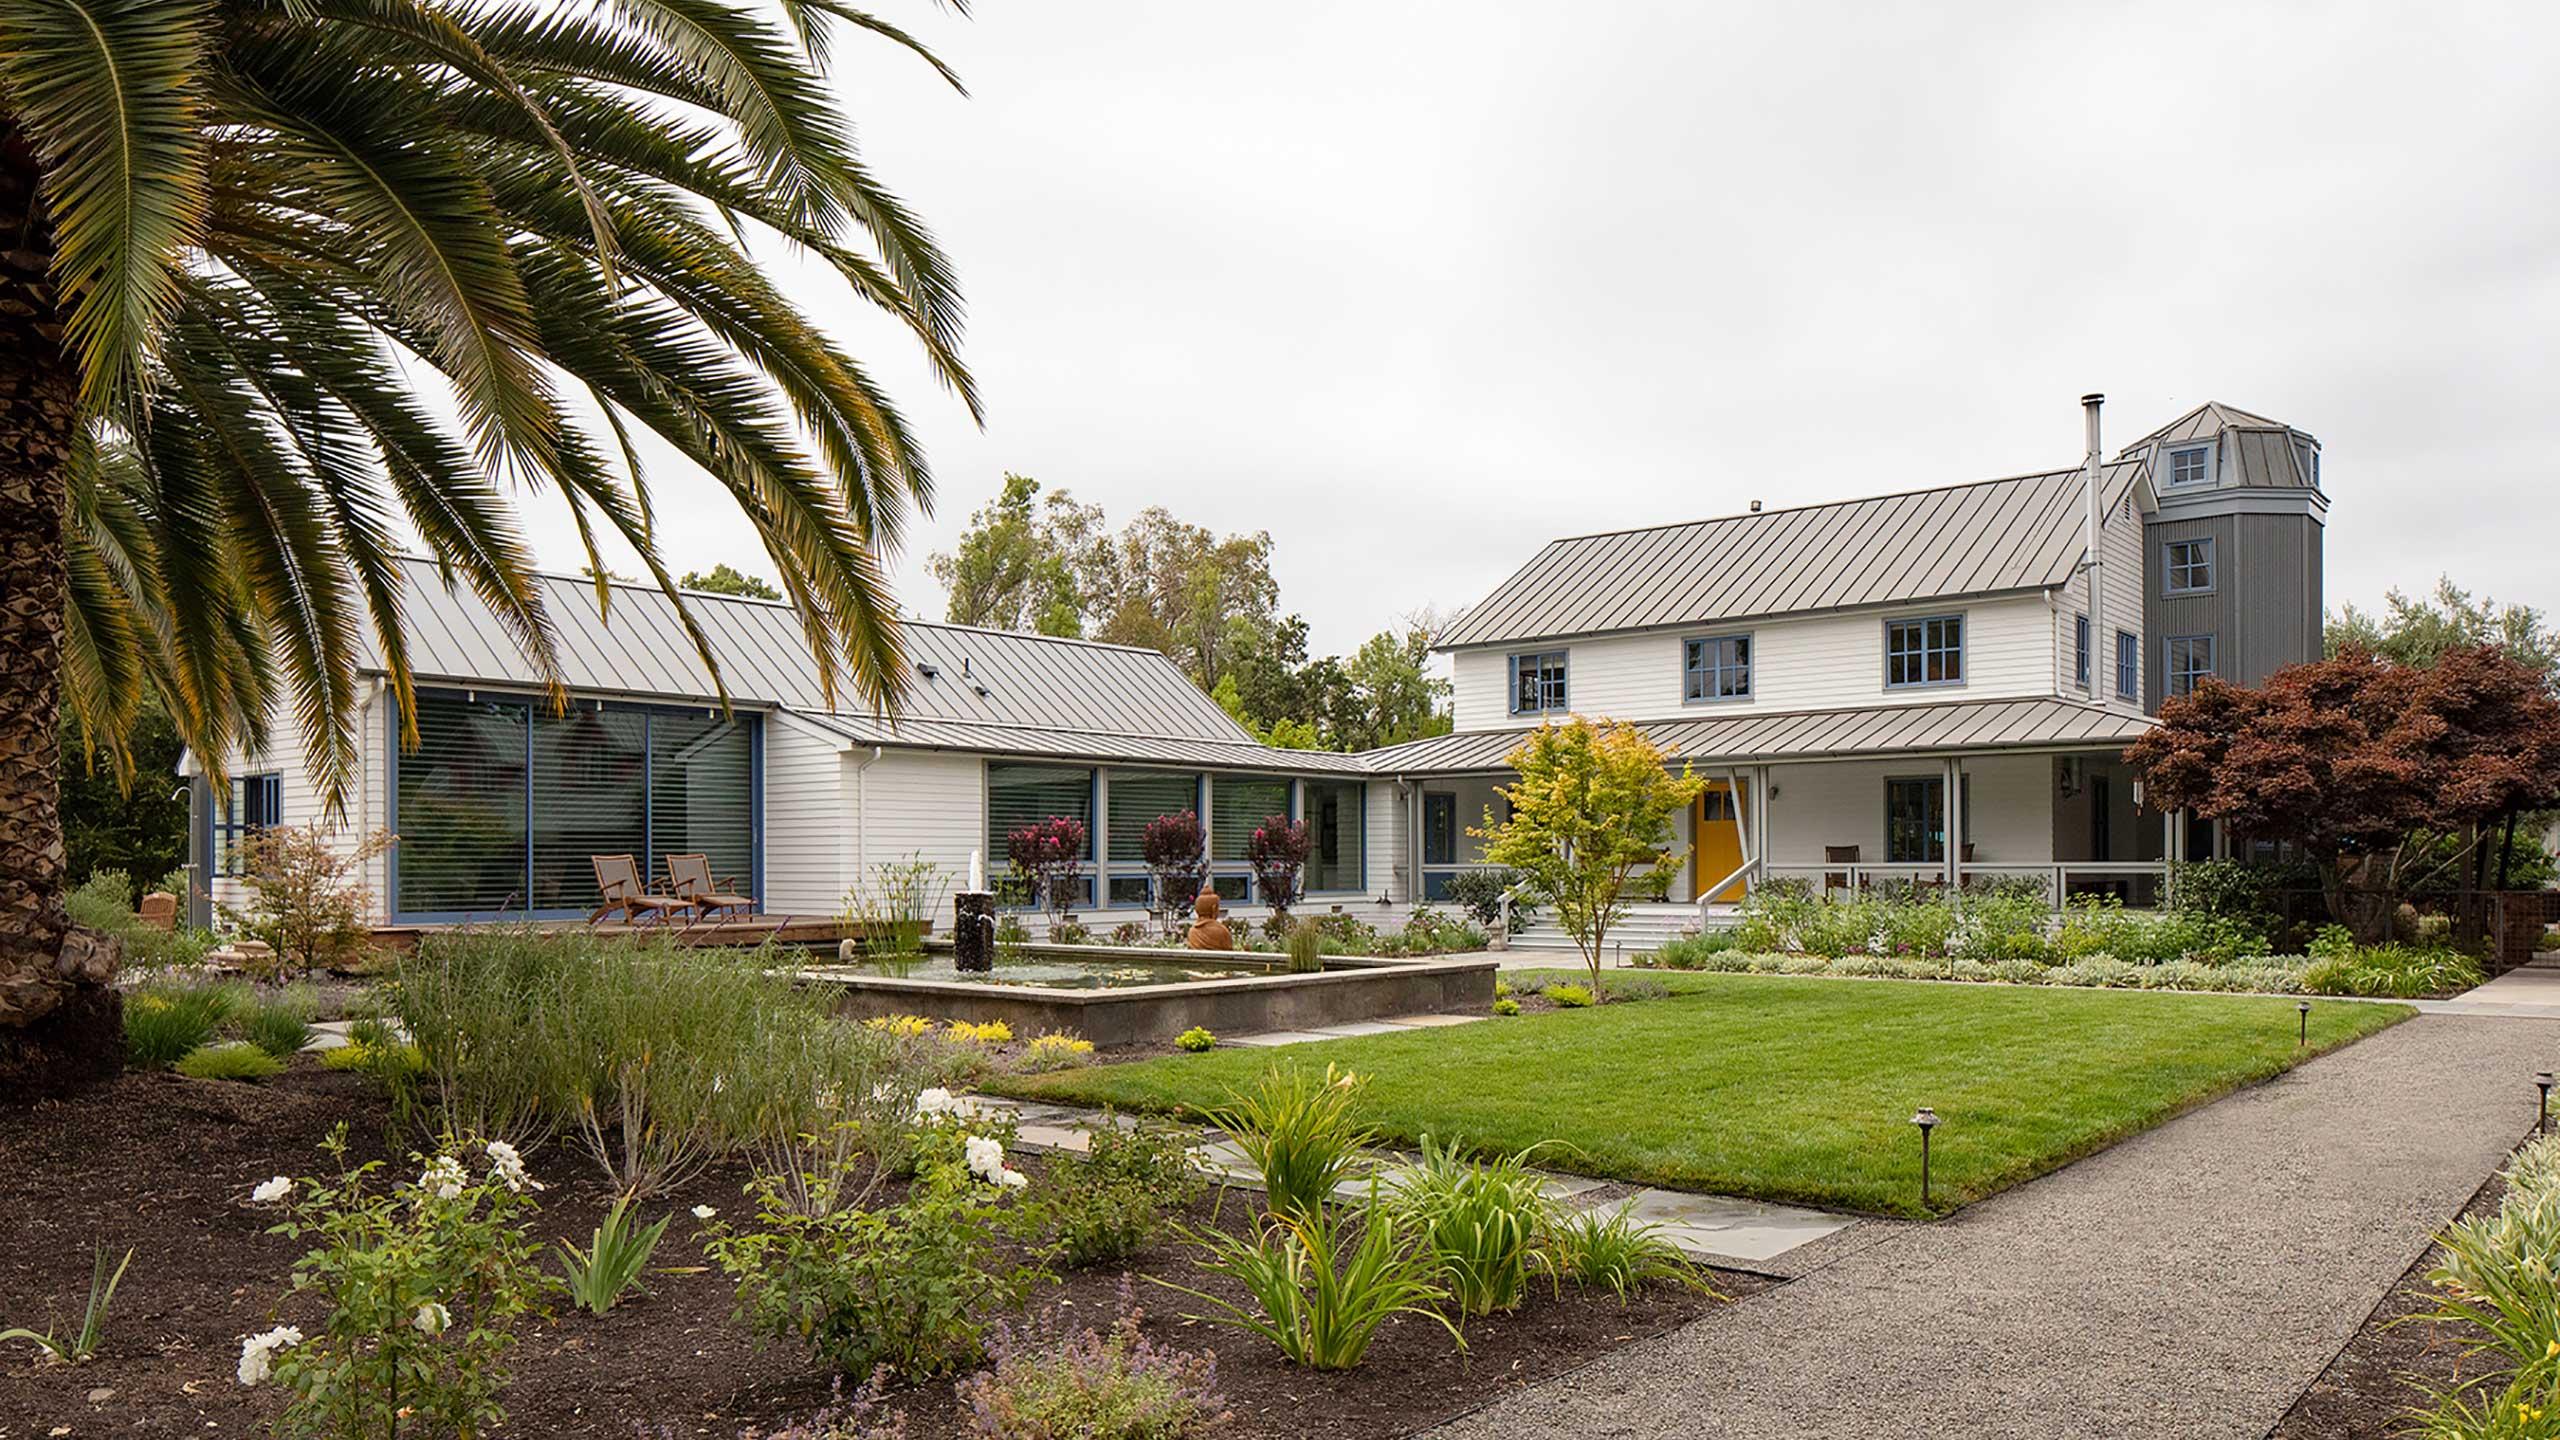 Napa-Farmhouse-houses-around-courtyard